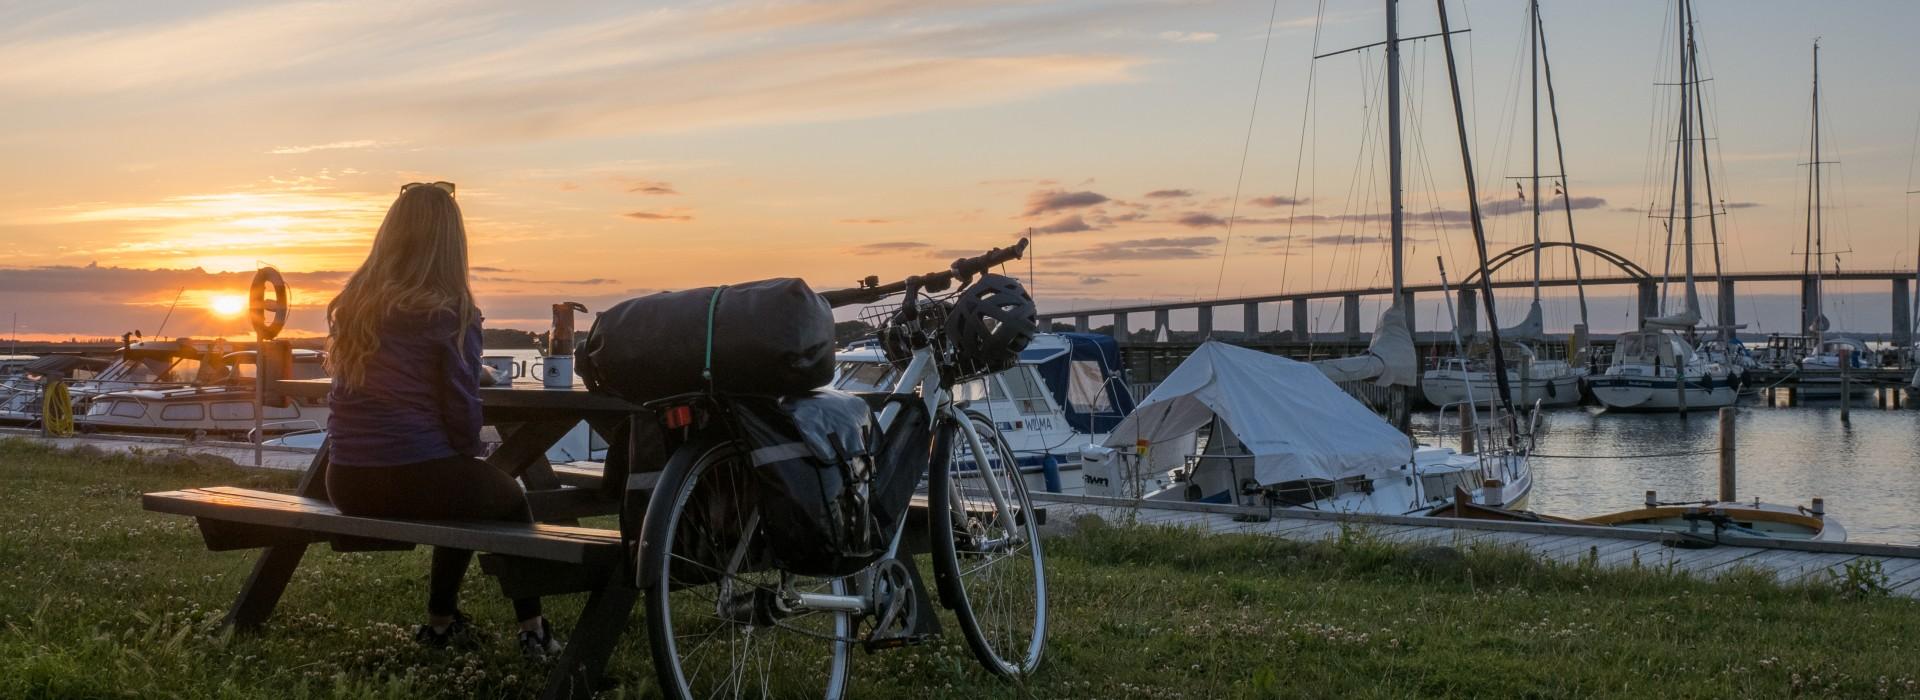 cykelferie_langeland_foto_visitdenmark